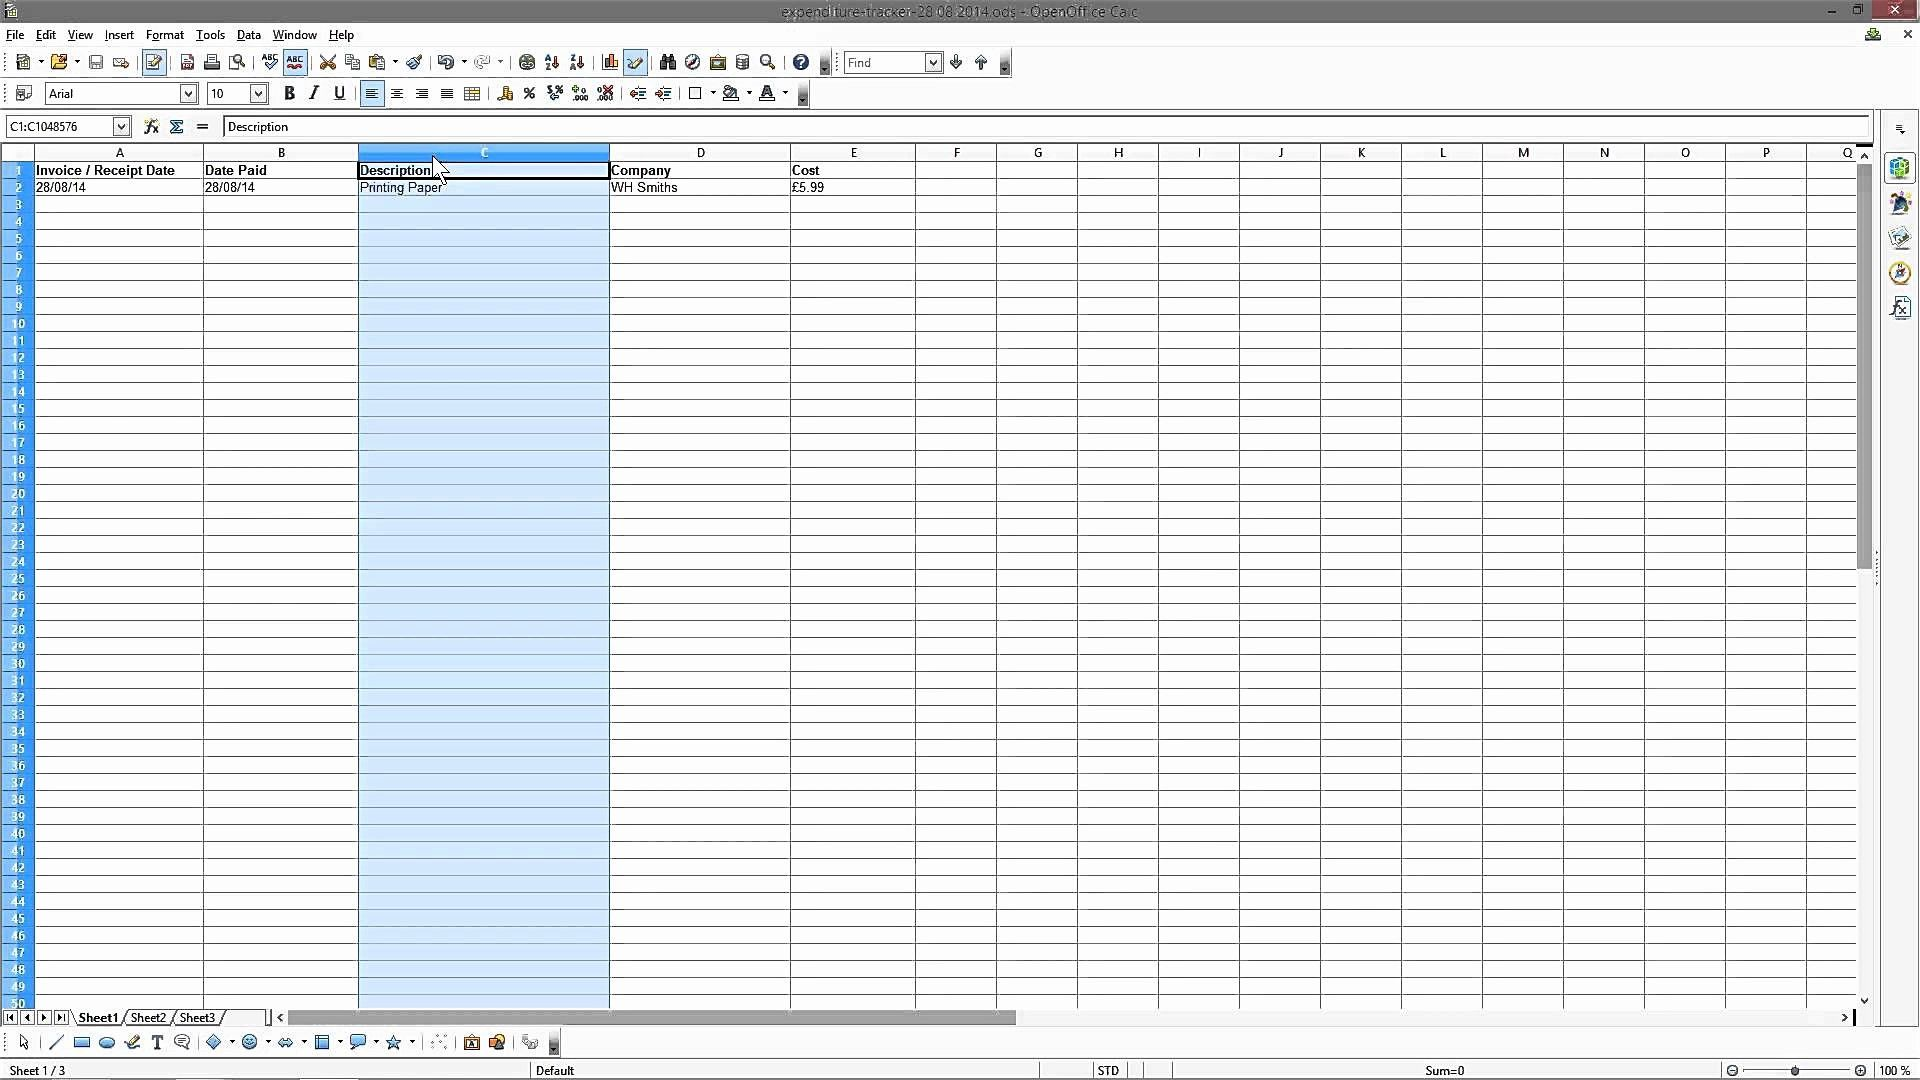 New Business Expense Sheet | Budget spreadsheet, Budget ...